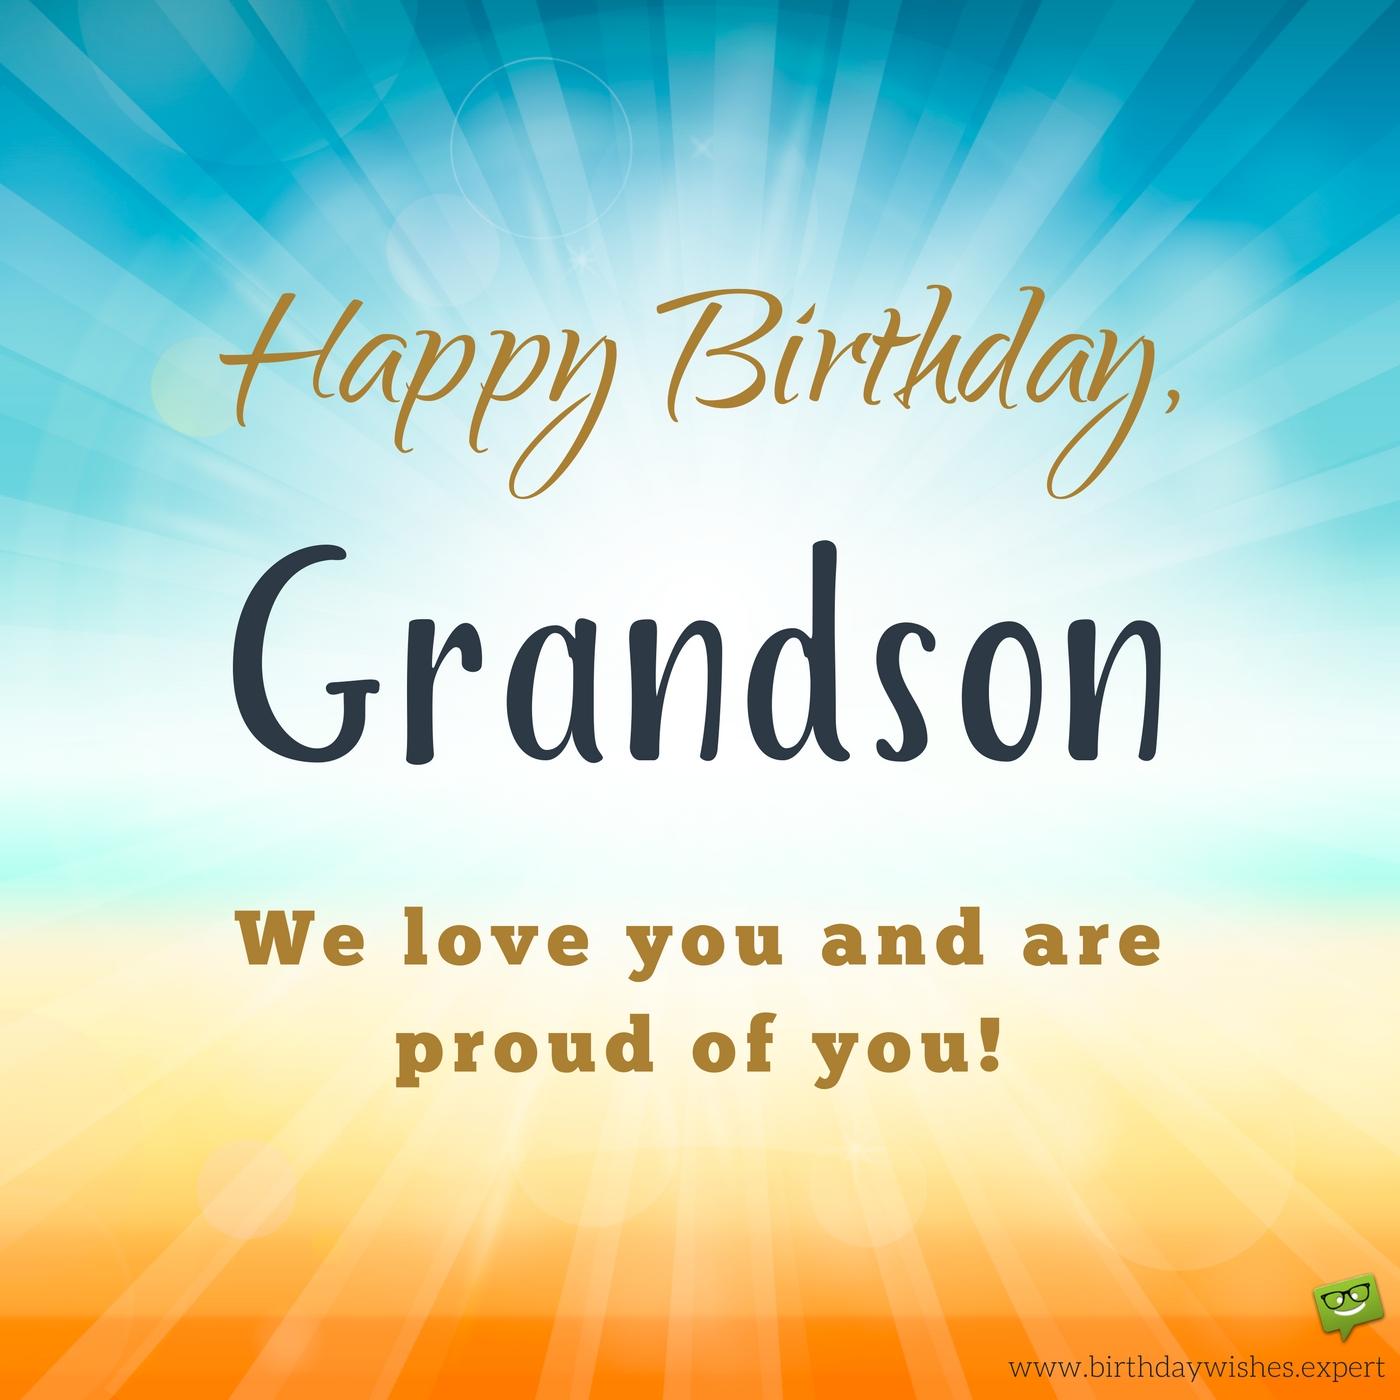 Happy Birthday Grandson We Grandchild Birthday Meme